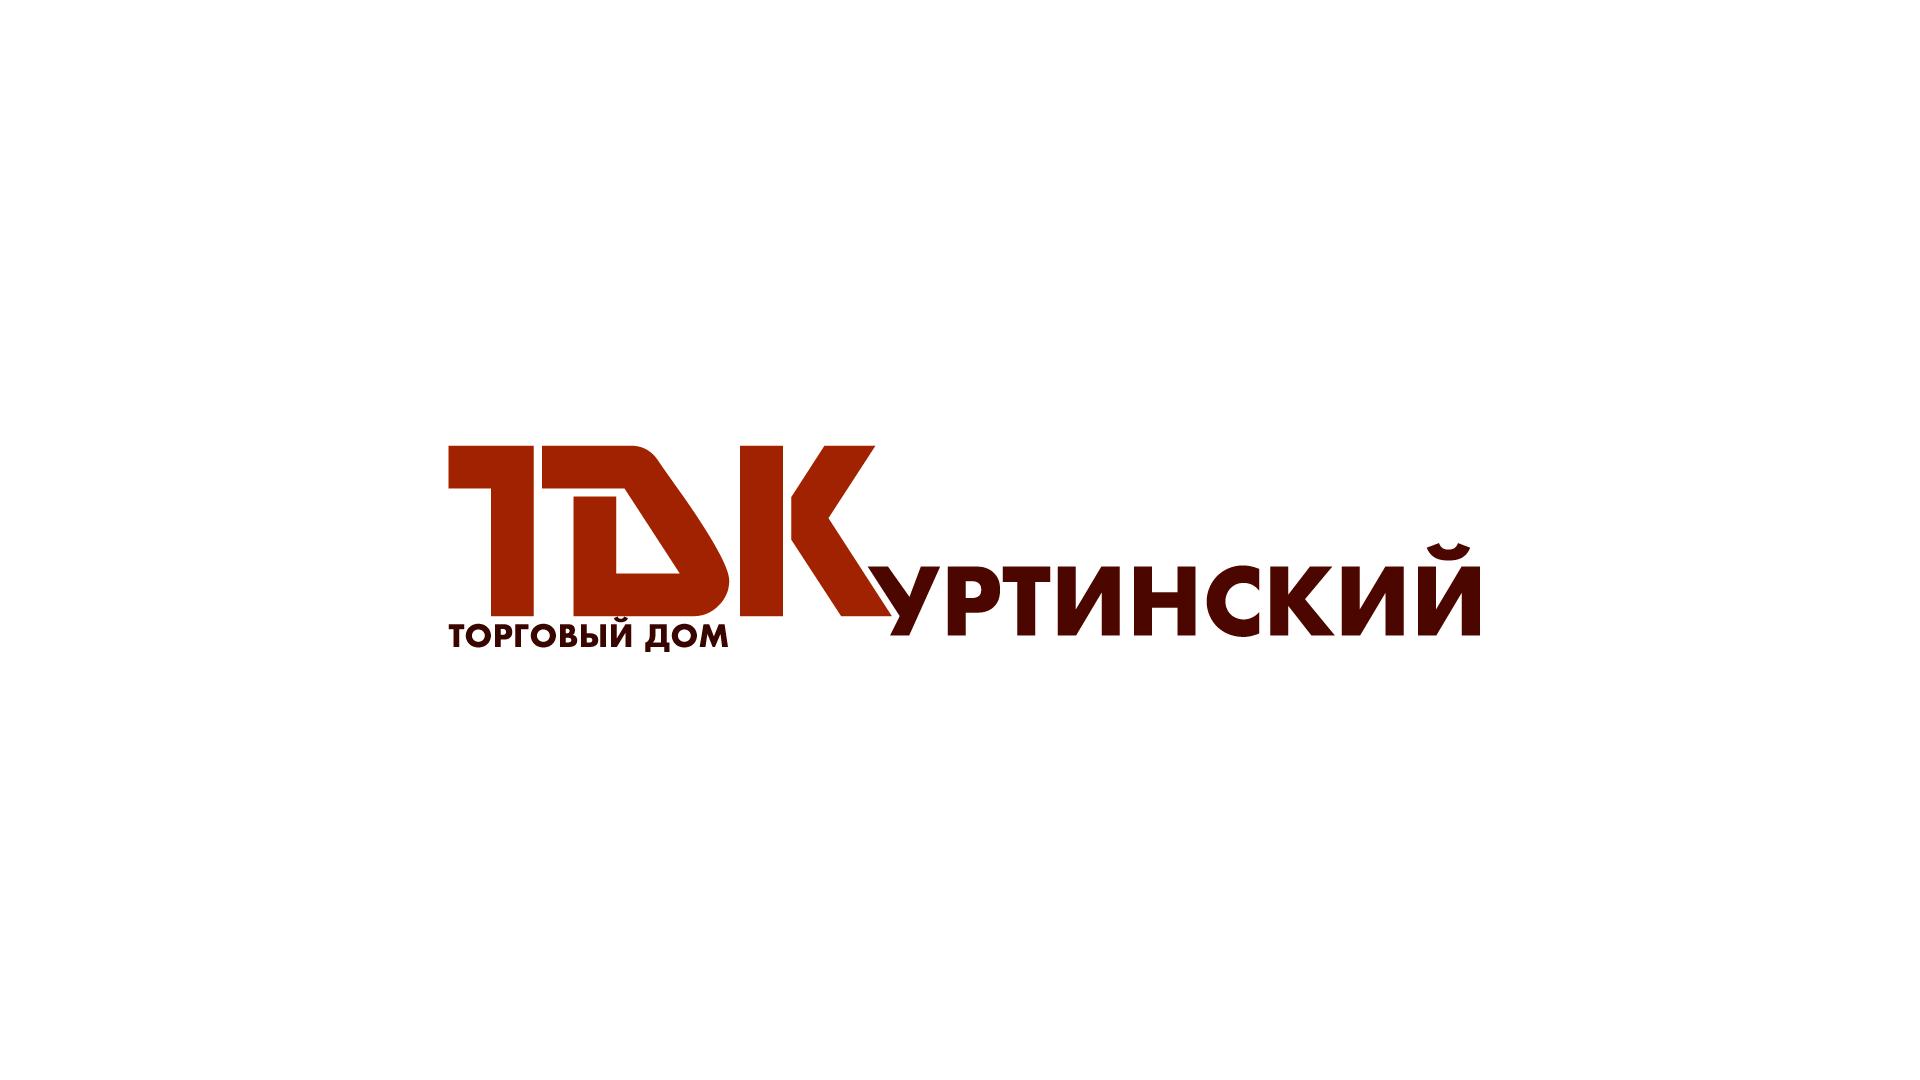 Логотип для камнедобывающей компании фото f_3165ba0a38158eff.png